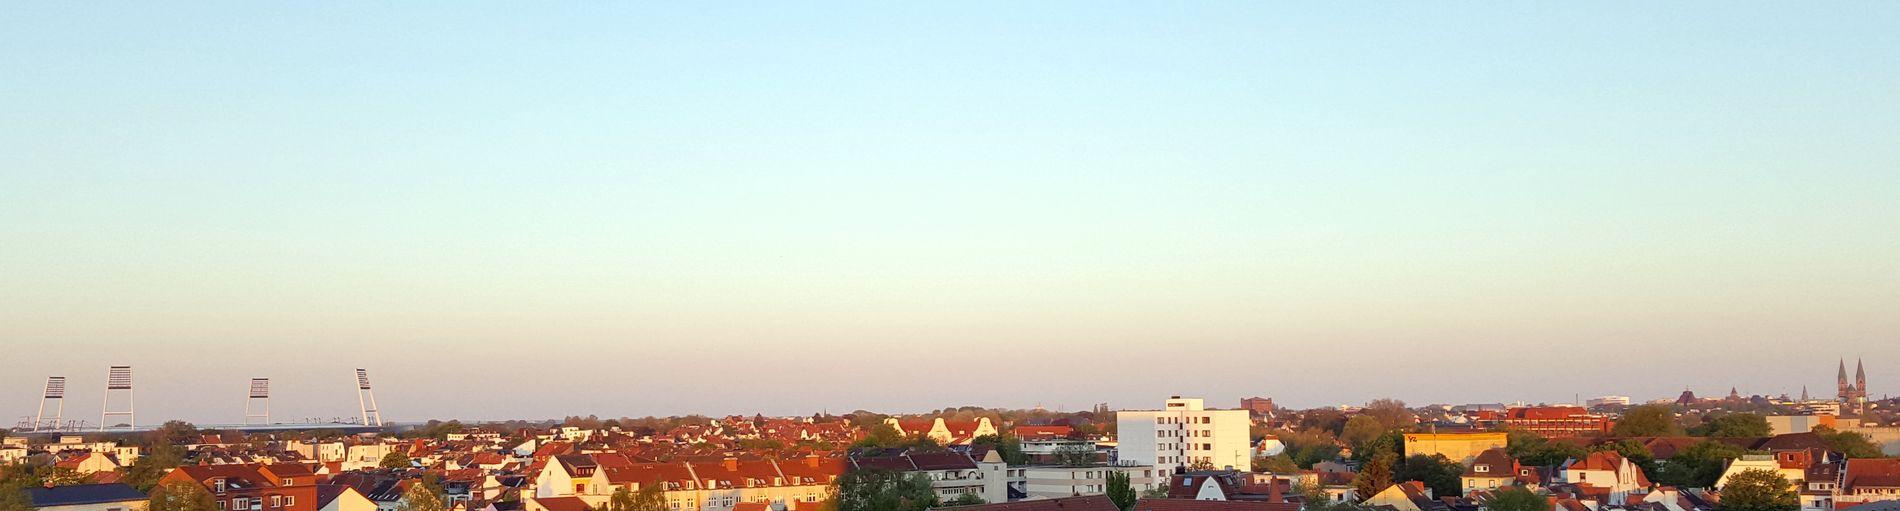 Blick nach Südwesten mit Weserstadion, Dom und Umgedrehter Kommode in der Morgenröte; Quelle: Micha via #BremerMoment